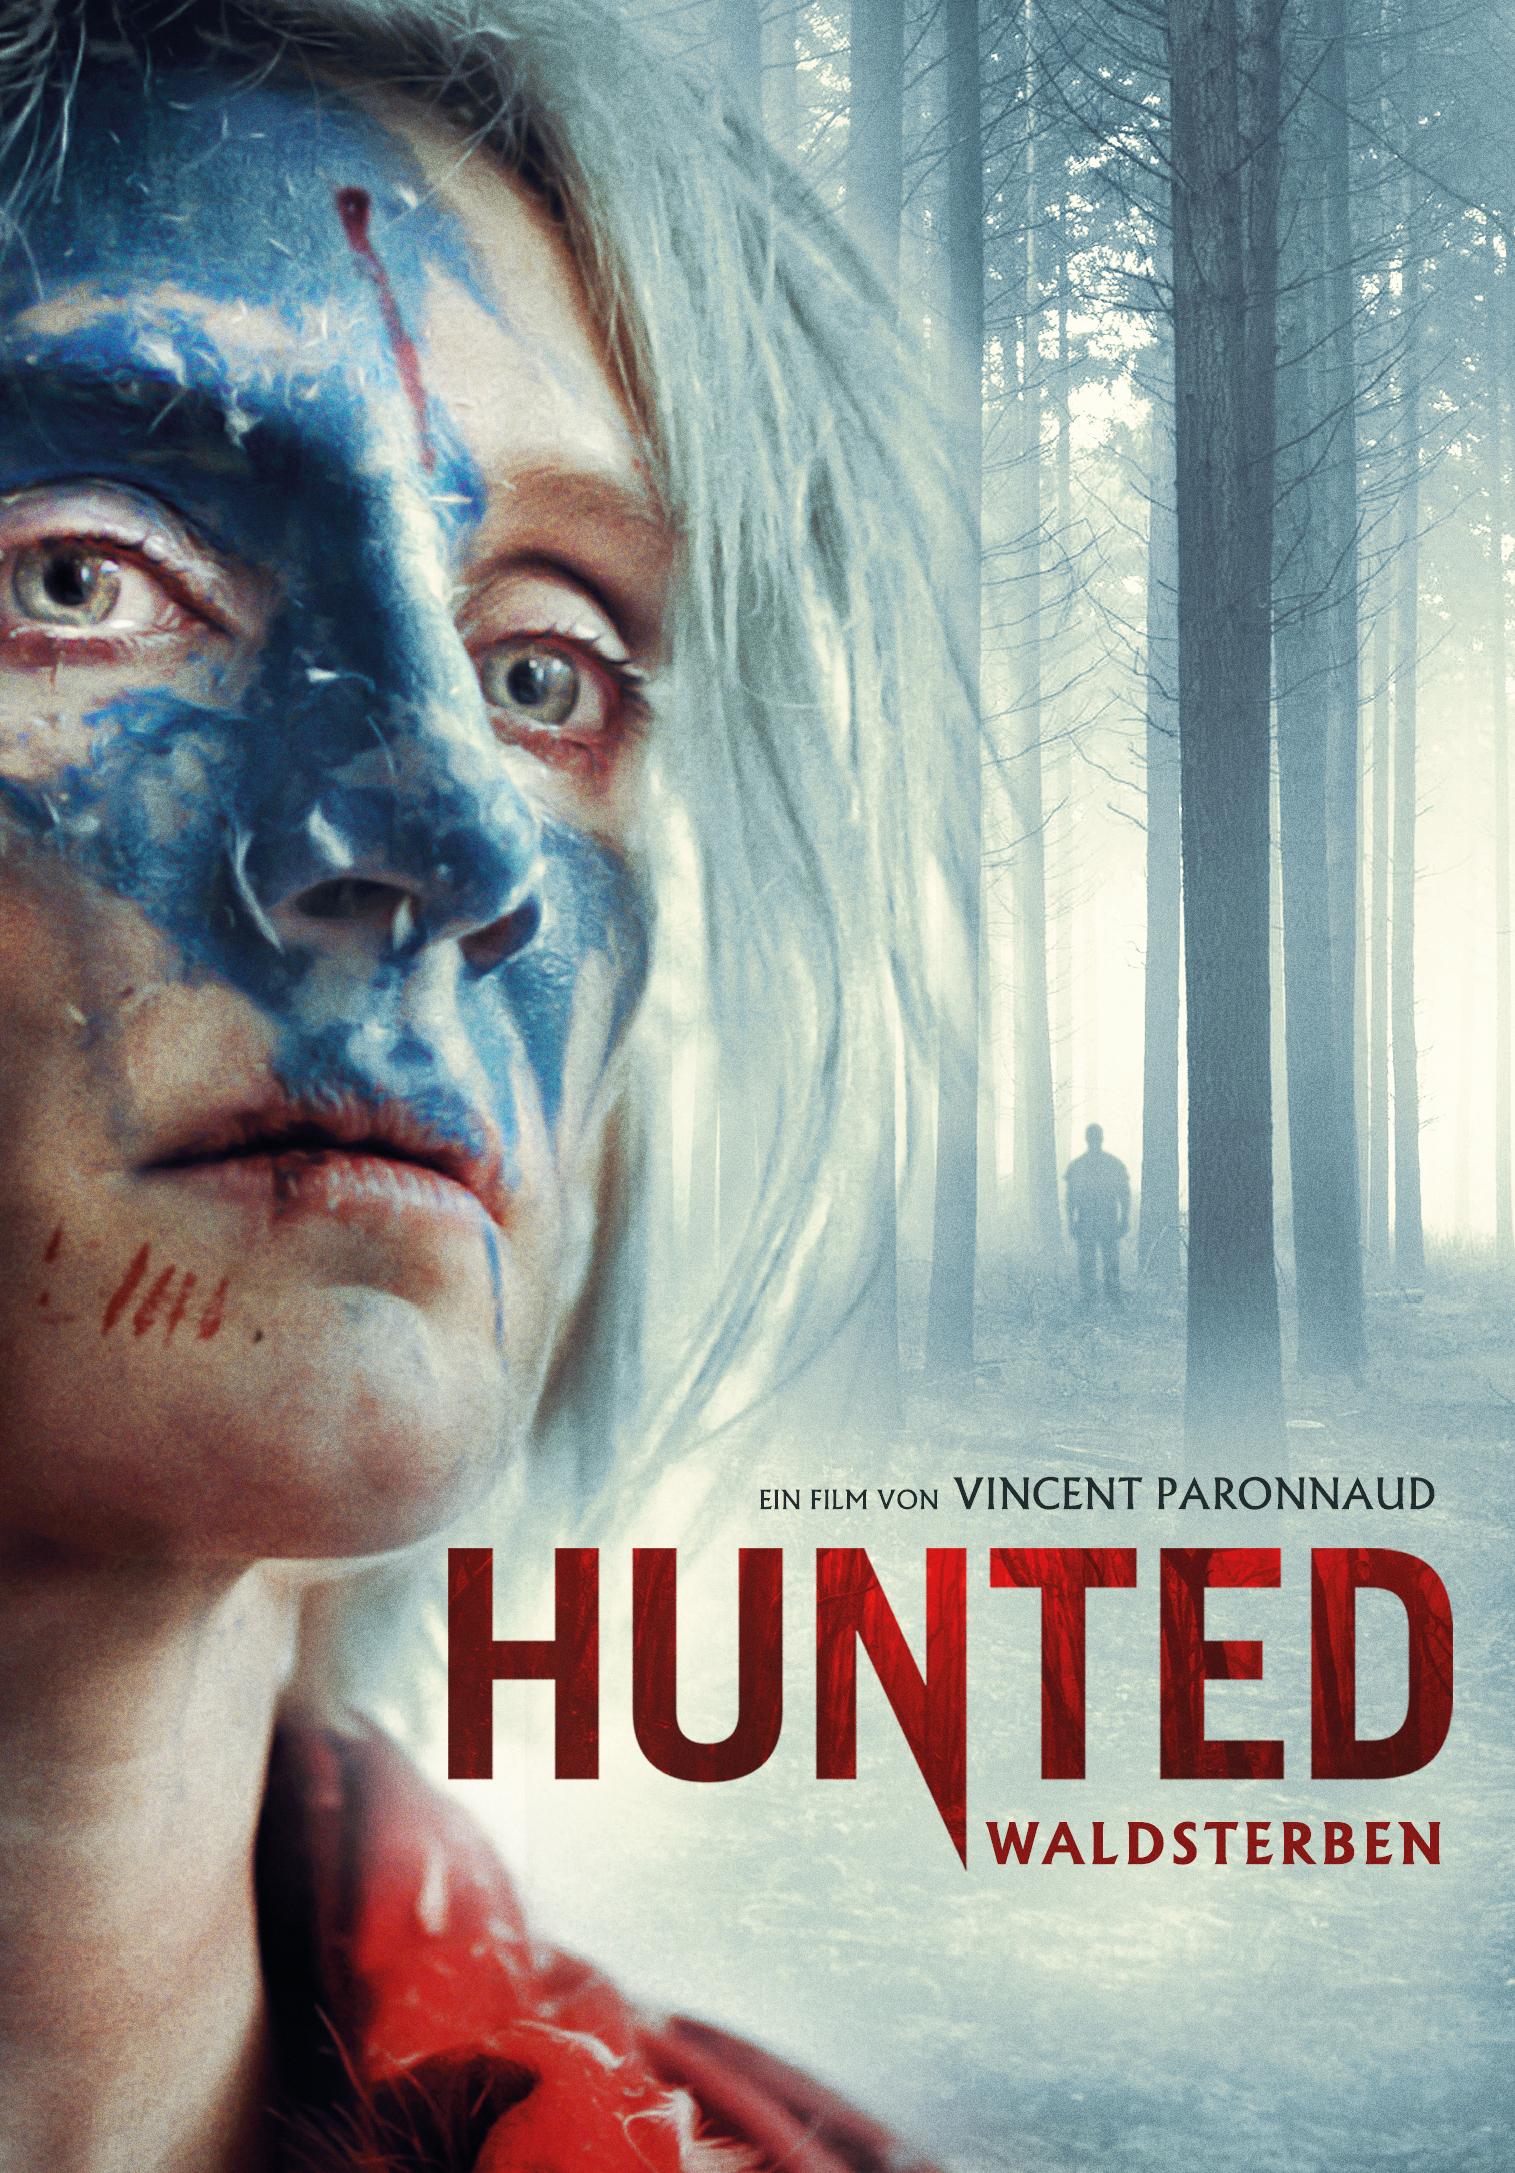 hunted_DVD_artwork_2d_ohne_FSK